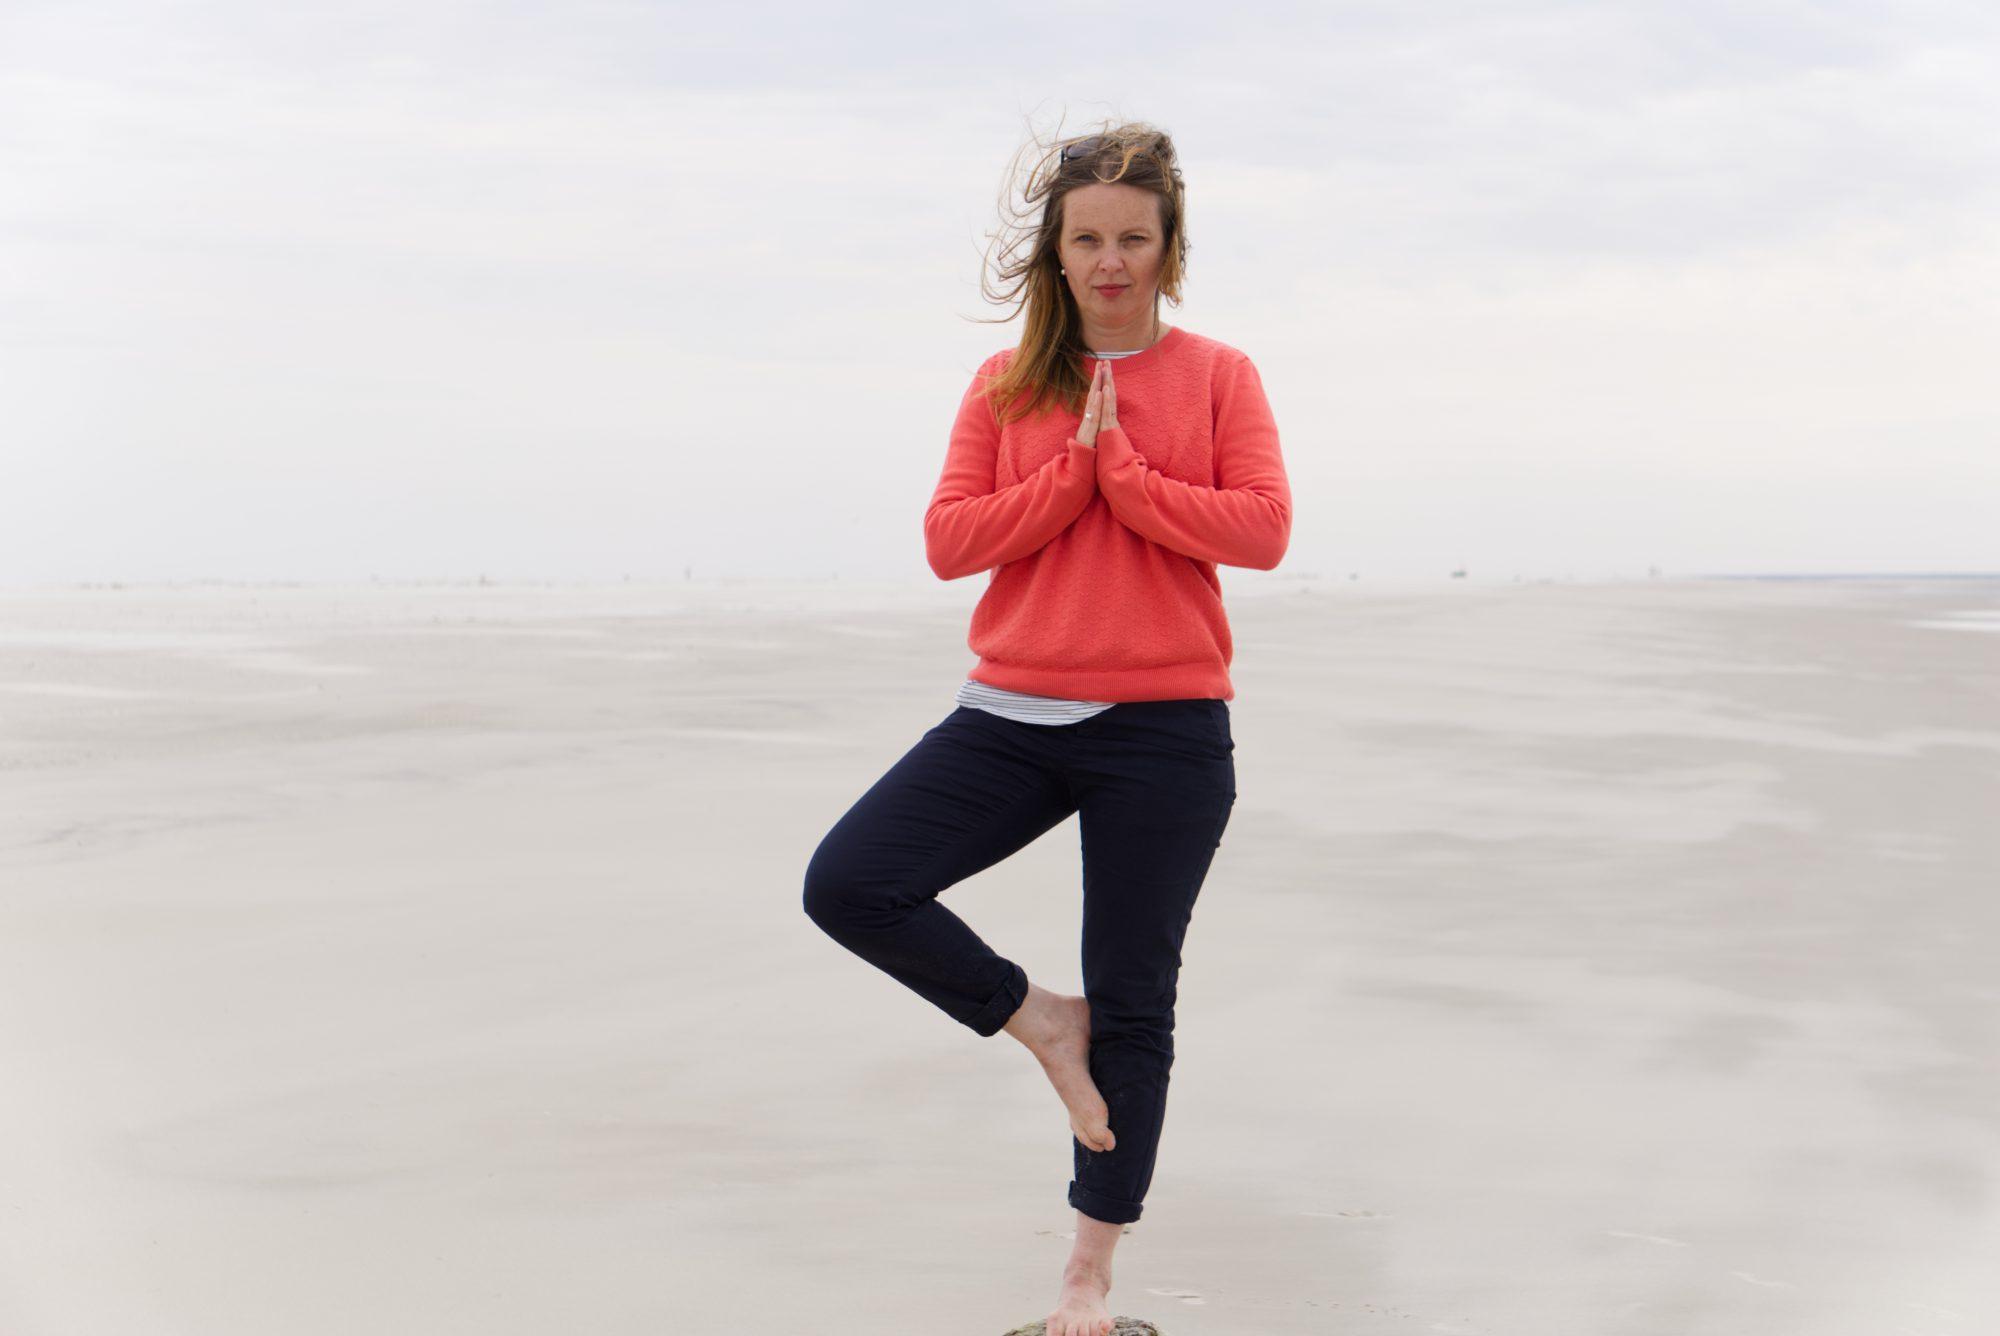 Frau steht auf einem Pfosten am Strand